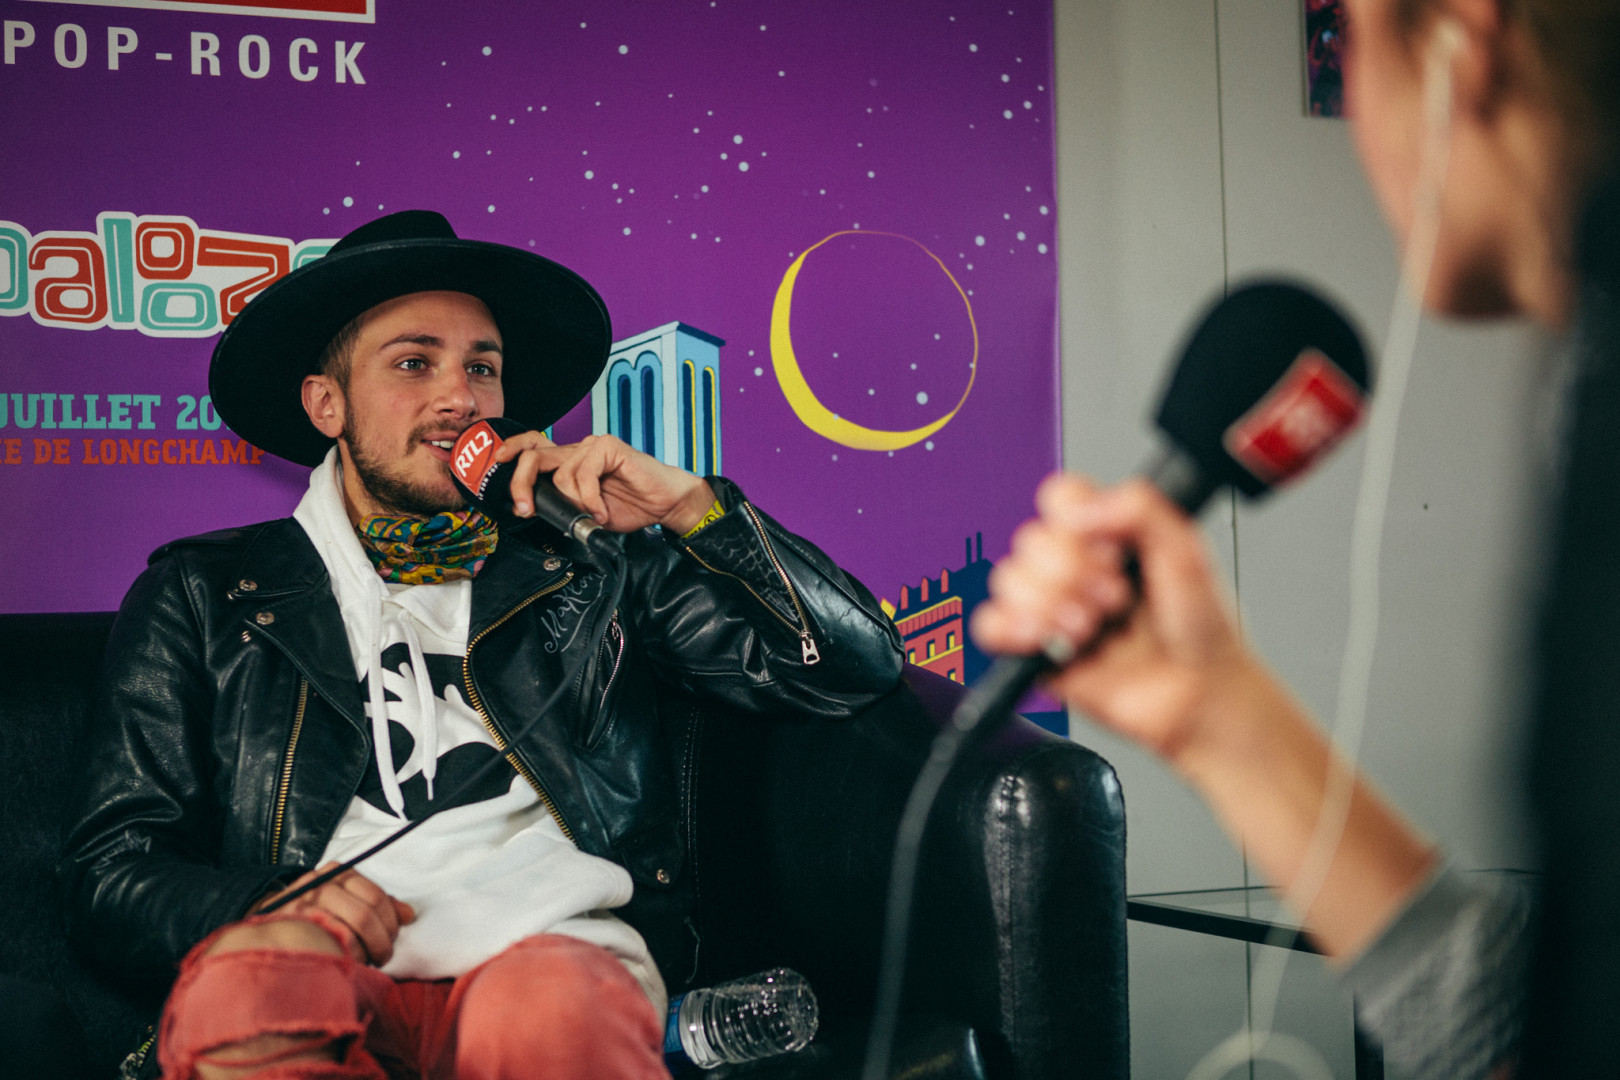 La Femme en interview dans le studio RTL2 lors de Lollapalooza Paris